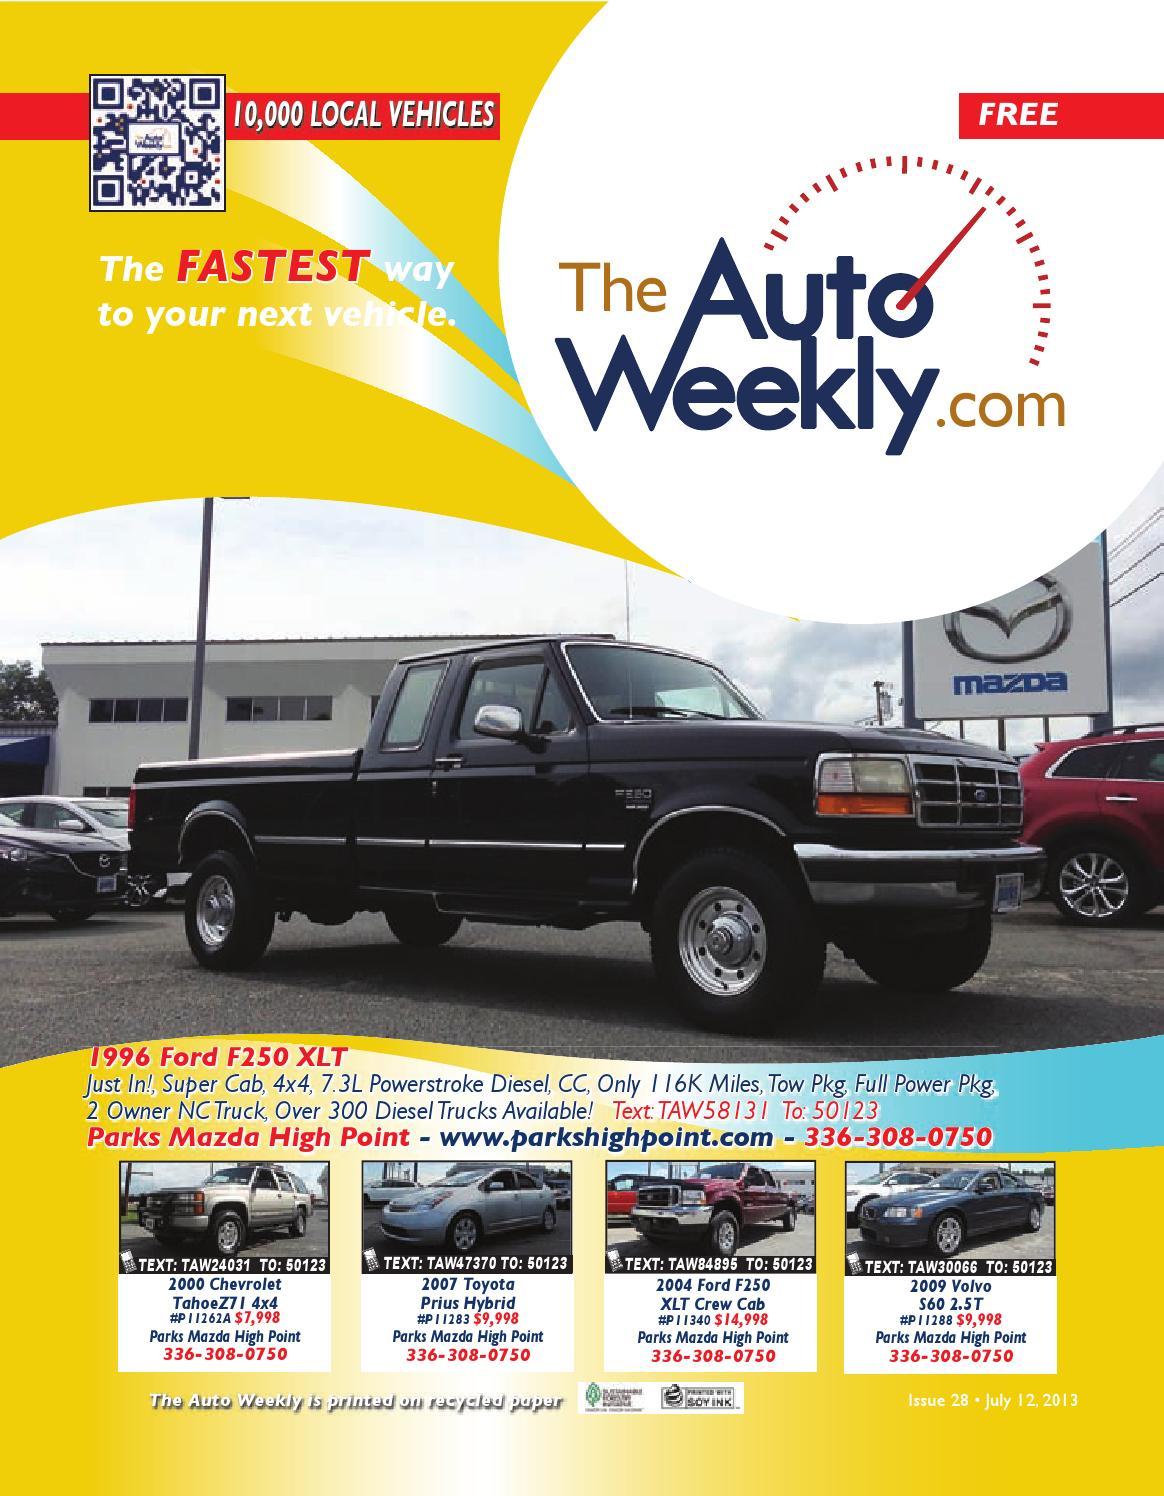 Issue 1328b triad edition by The Auto Weekly - issuu